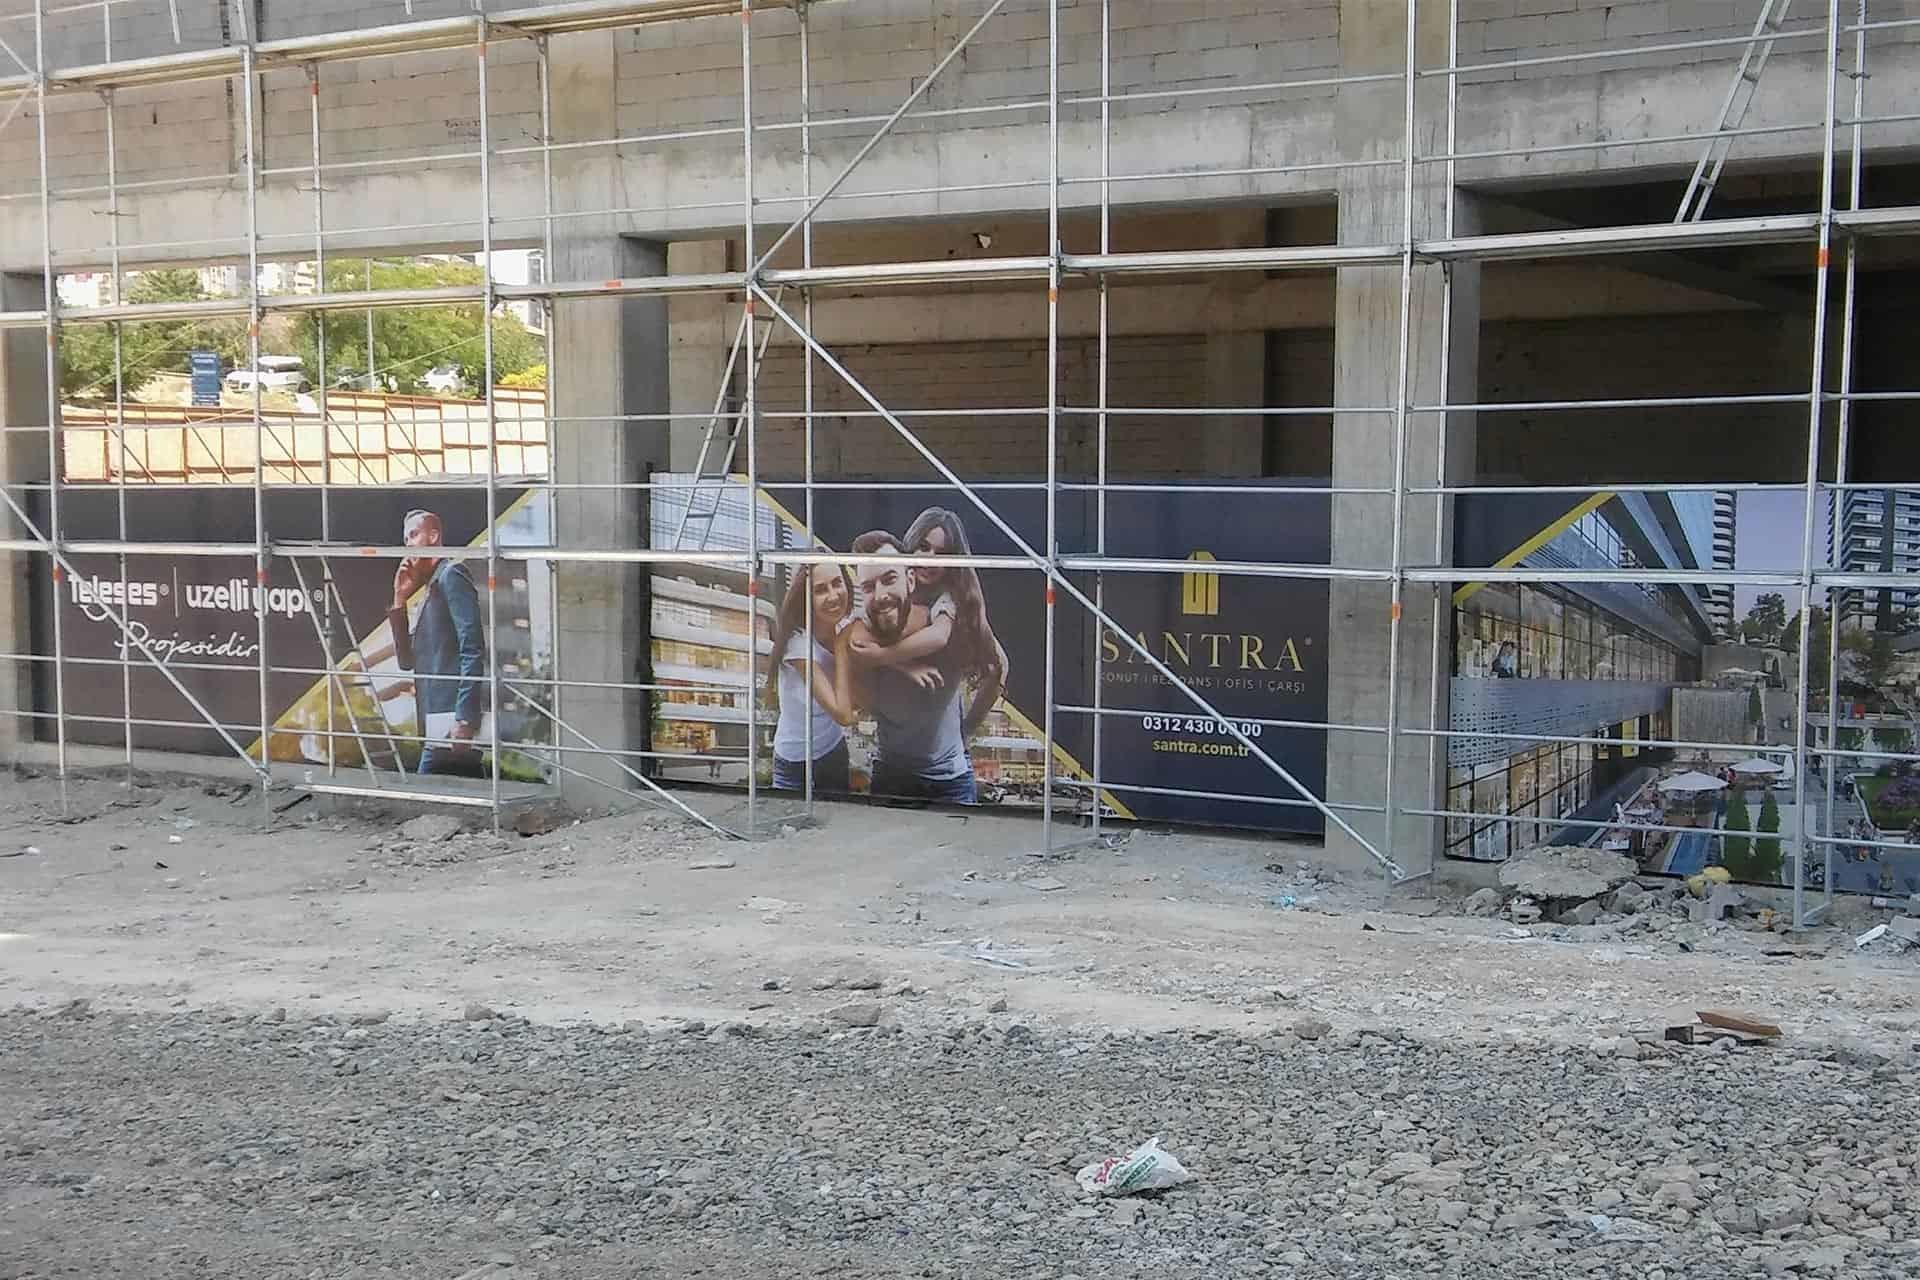 santra konut rezidans ofis insaat reklam duvar baskilari9 - Santra Konut Rezidans İnşaat Duvar Reklam Baskıları